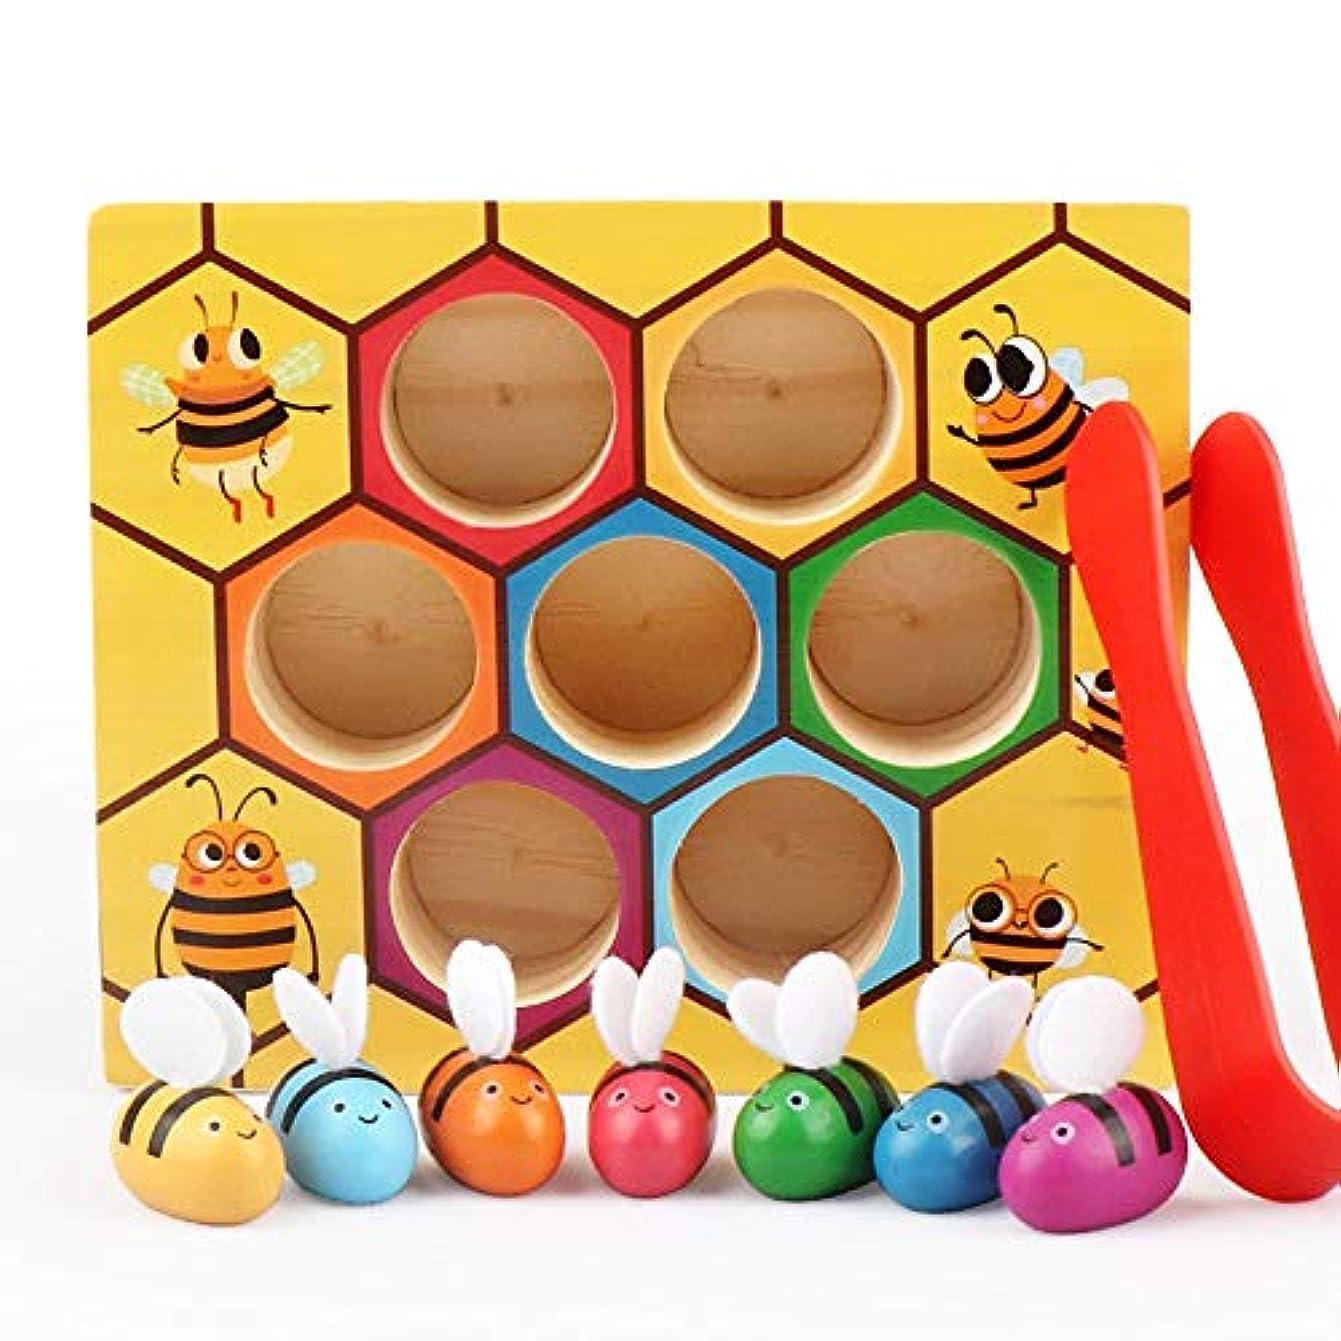 報復ぼんやりした原点色分類おもちゃ。木製のかわいい蜂狩りゲーム。手と目の調整を養います。 3歳以上の子供に適しています。